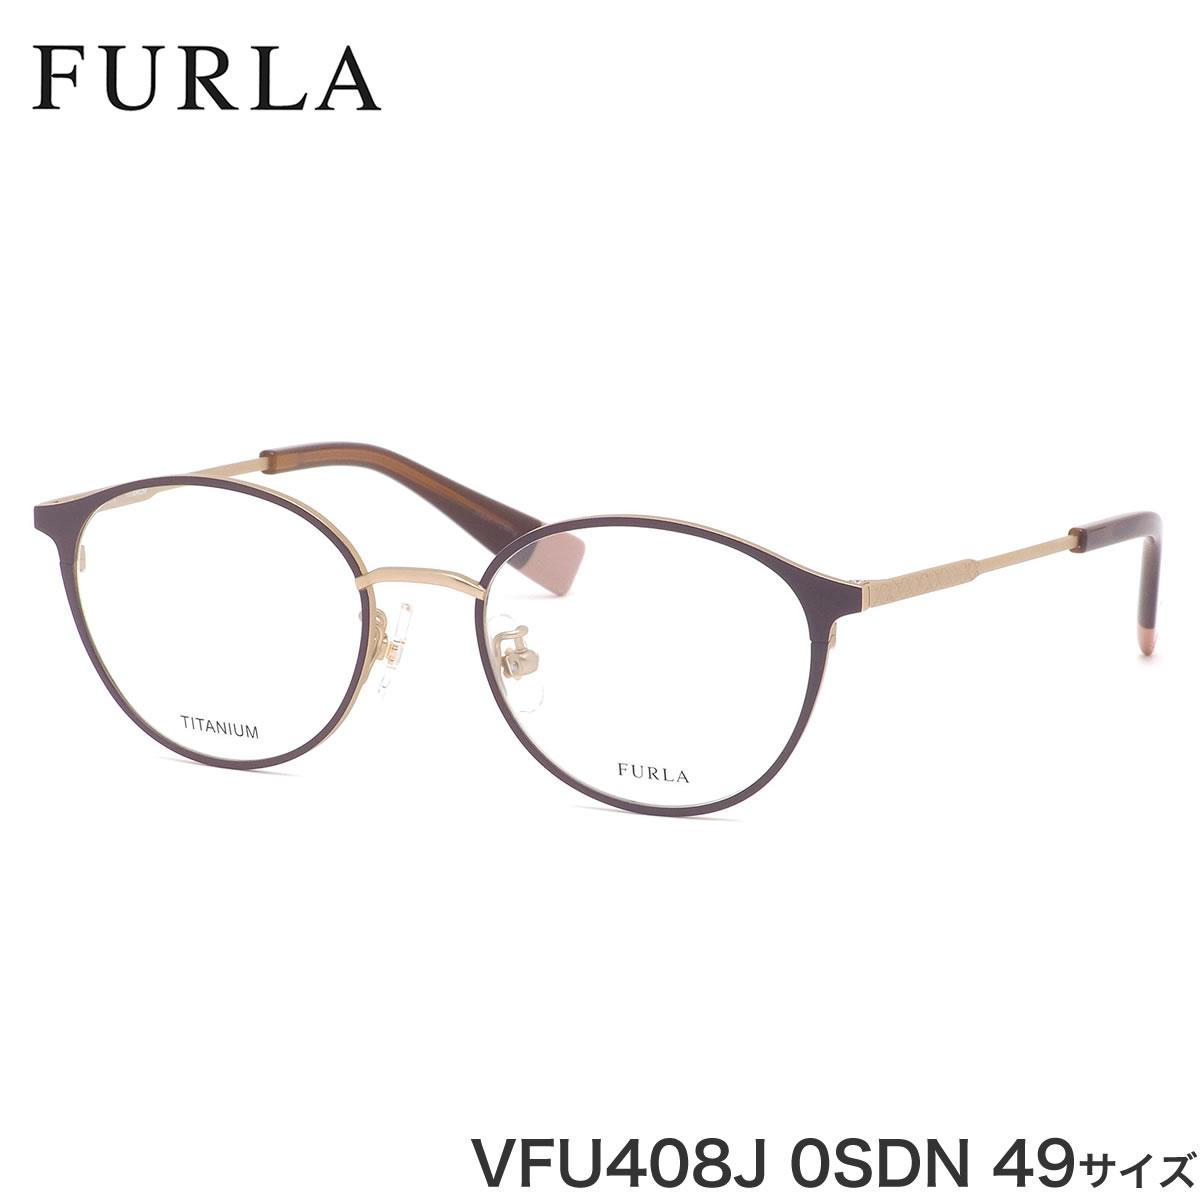 フルラ FURLA メガネ VFU408J 0SDN 49サイズ フェミニン かわいい 軽量 レディース